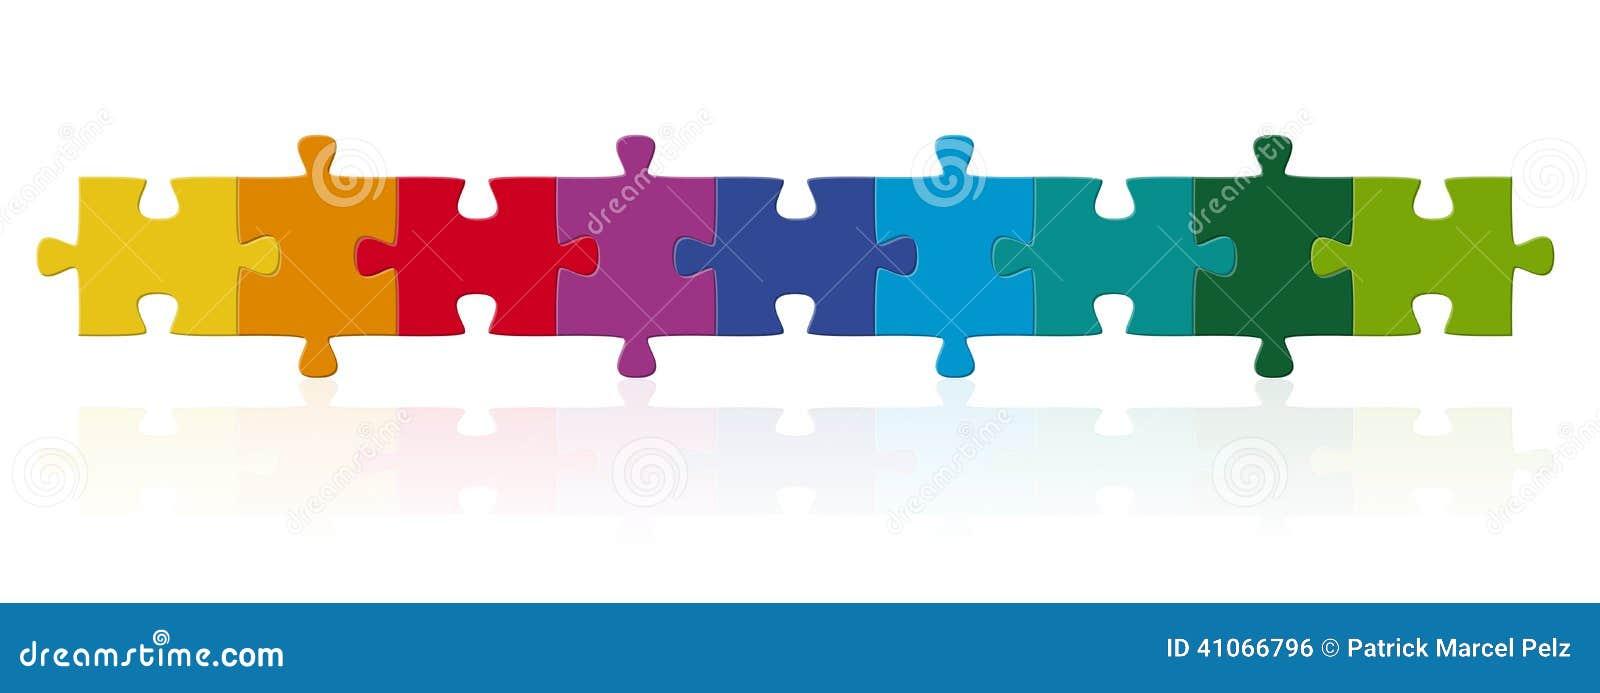 Farbige Puzzlespielstücke in den Reihen